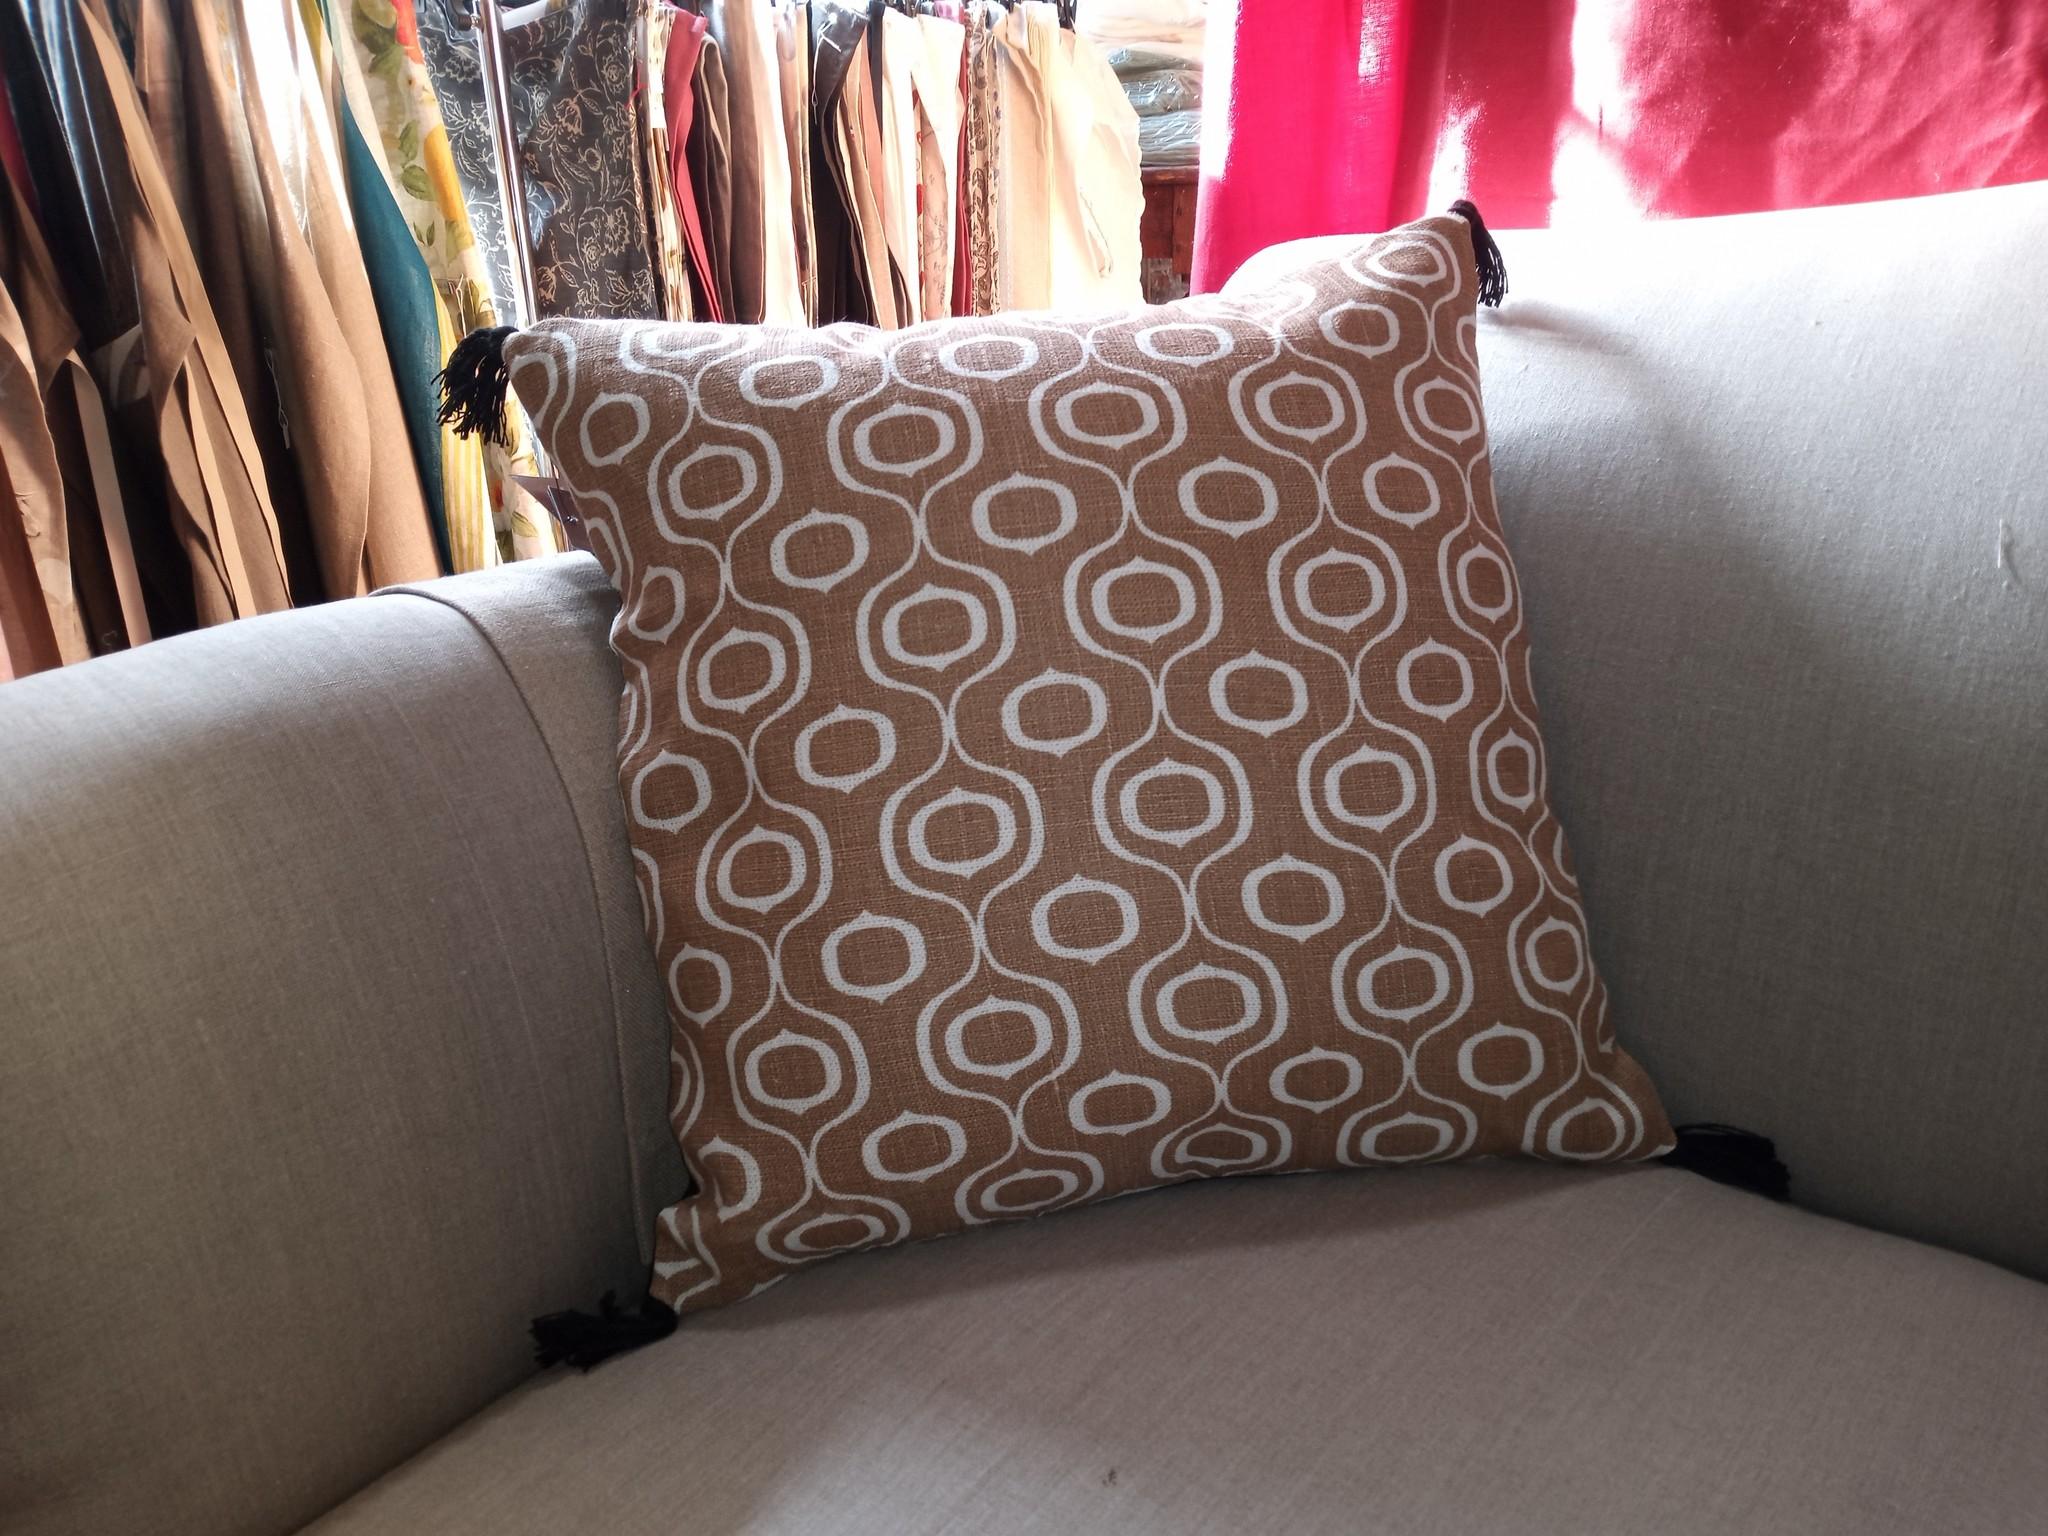 UBUD square cushion